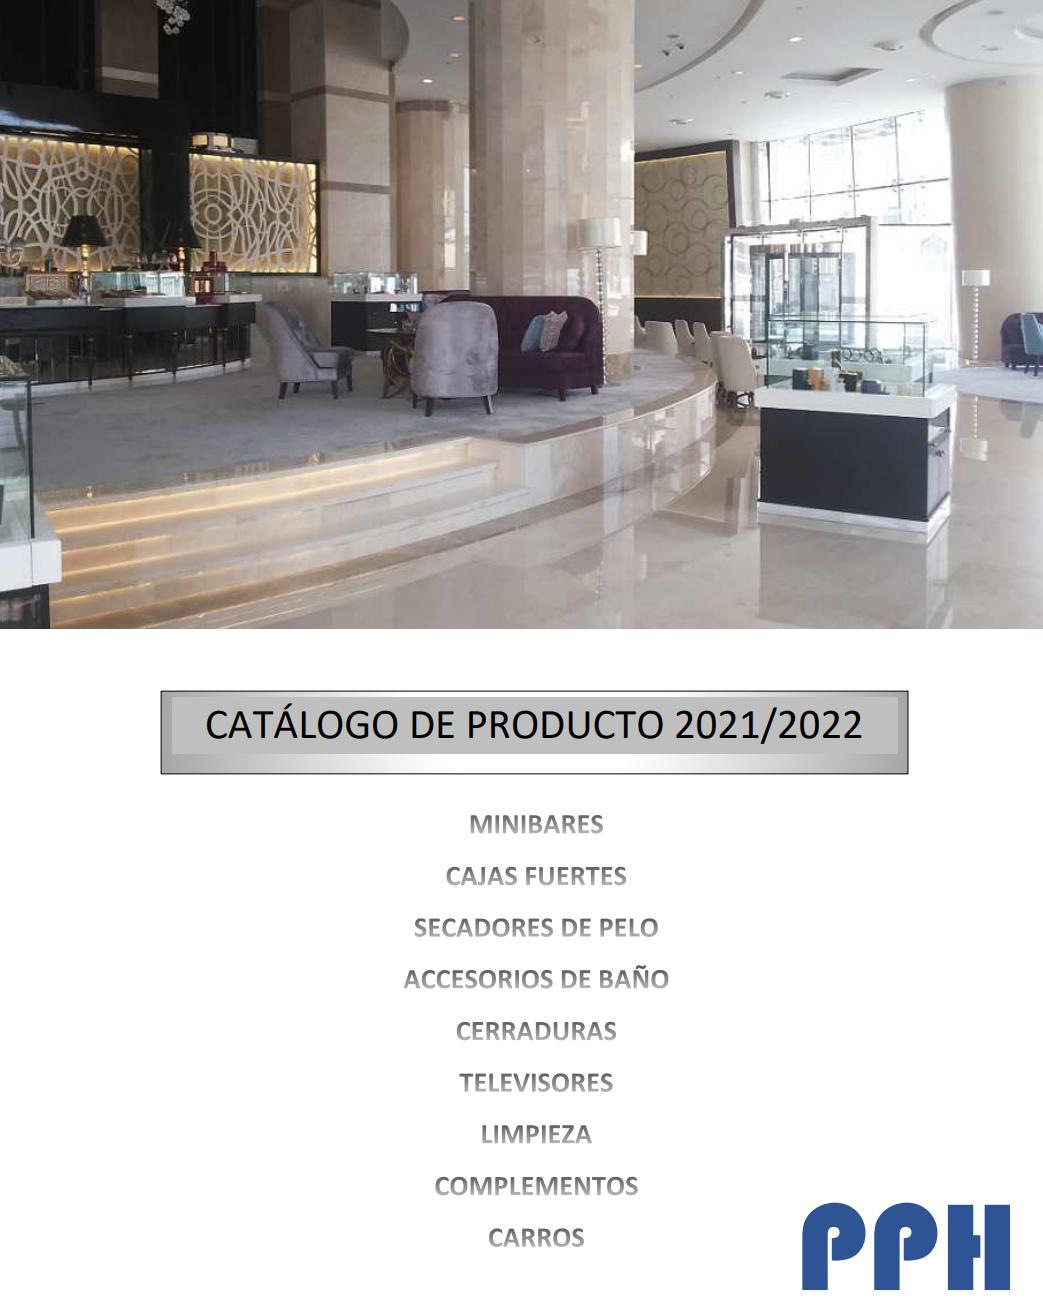 Catalogo de producto